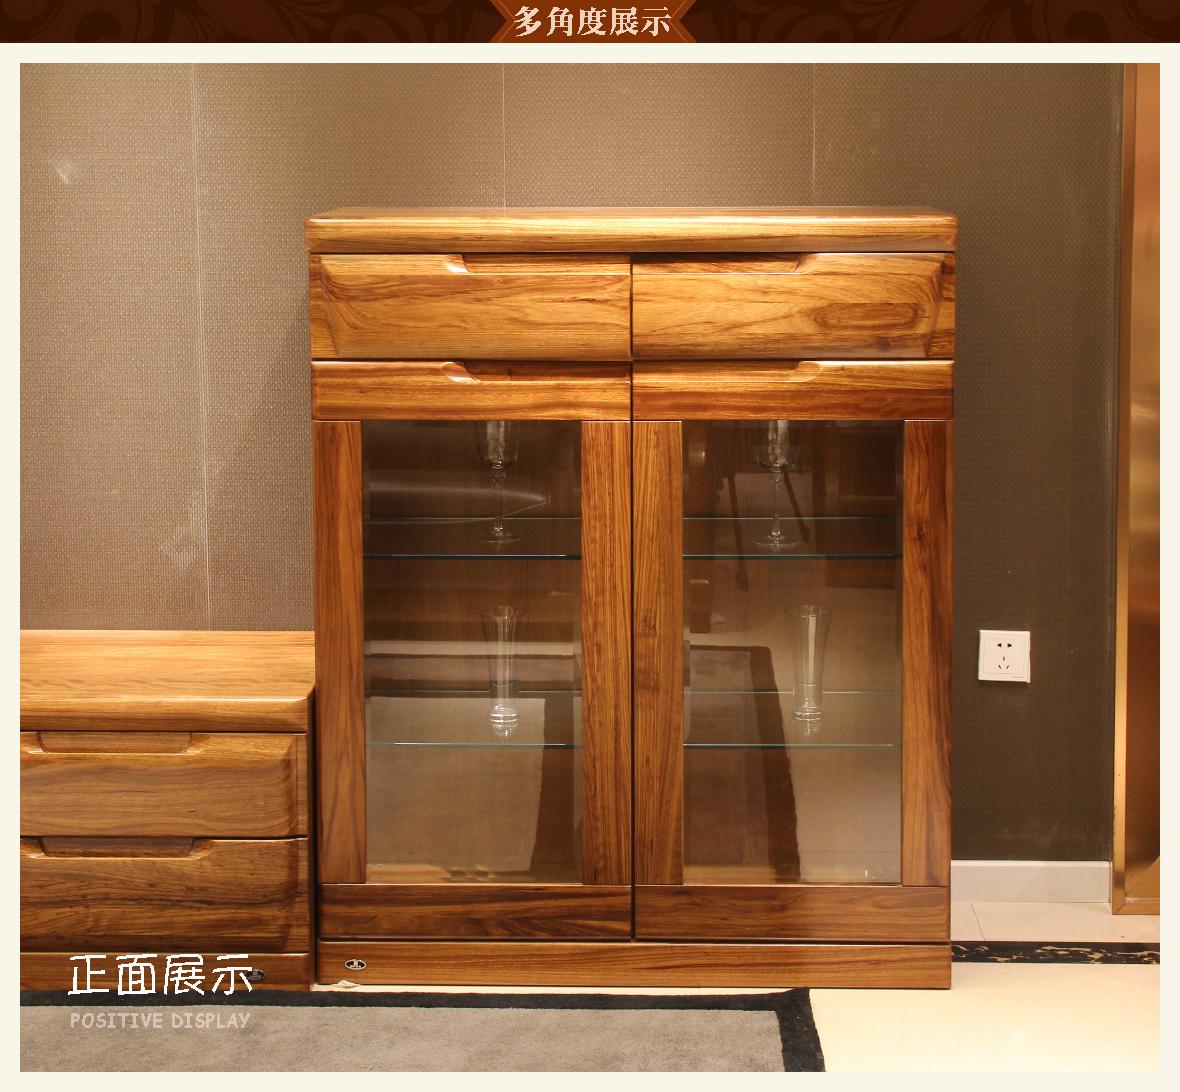 赖氏家具 乌金木厅柜(矮柜)wjk03c型号 进口实木 现代